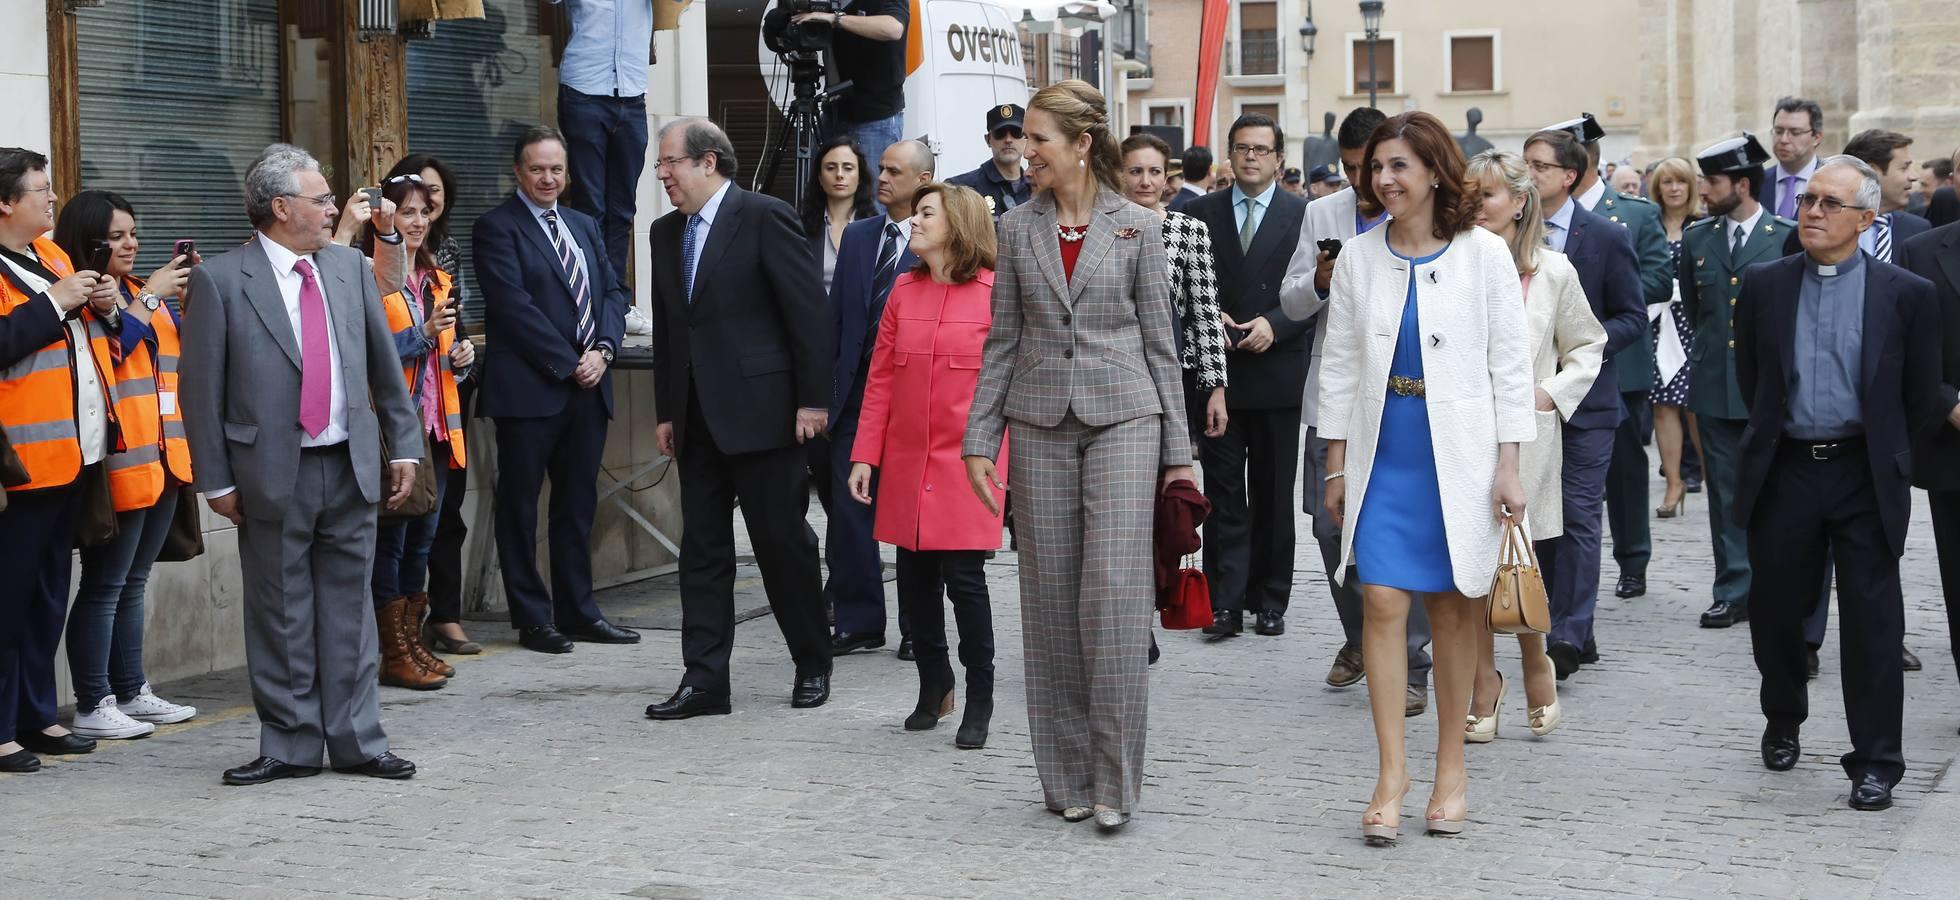 Inauguración de la exposición 'Eucharistia' de Las Edades del Hombre, en Aranda de Duero. Burgos (2/3)